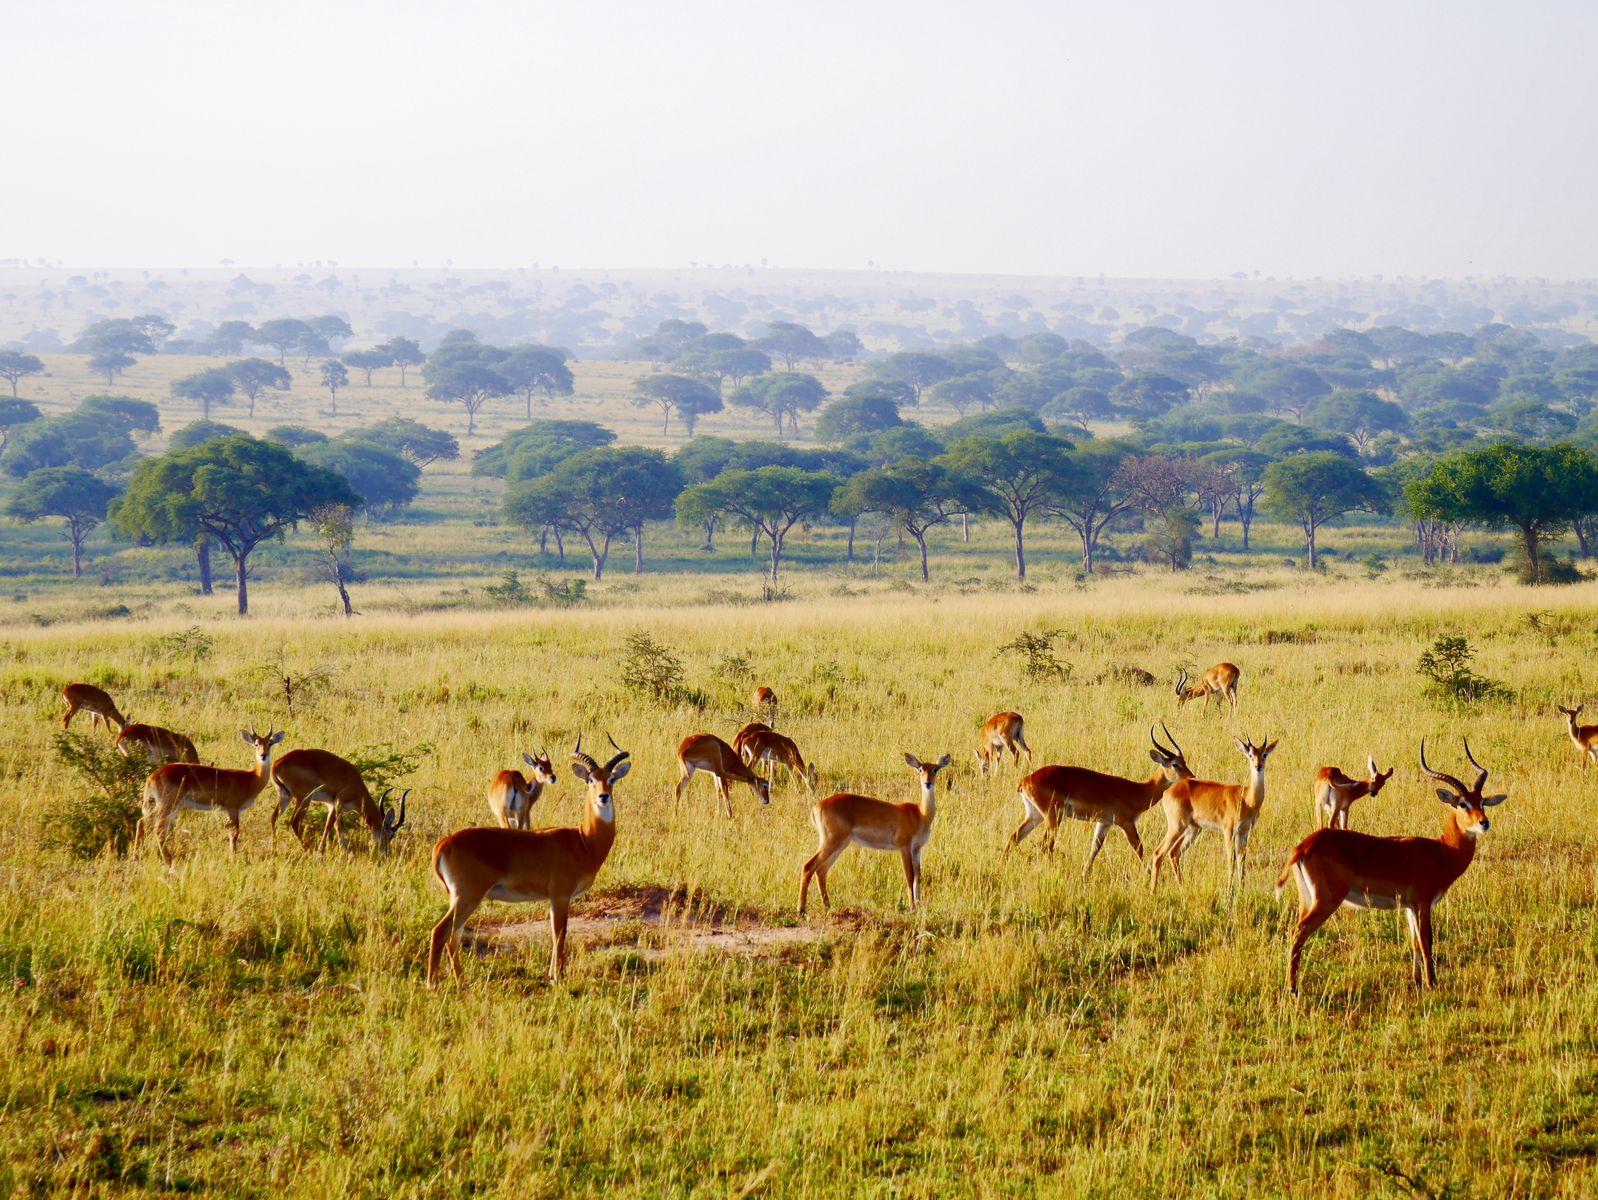 ウガンダ共和国の観光スポット7選!治安は?楽しい旅行で注意すること!